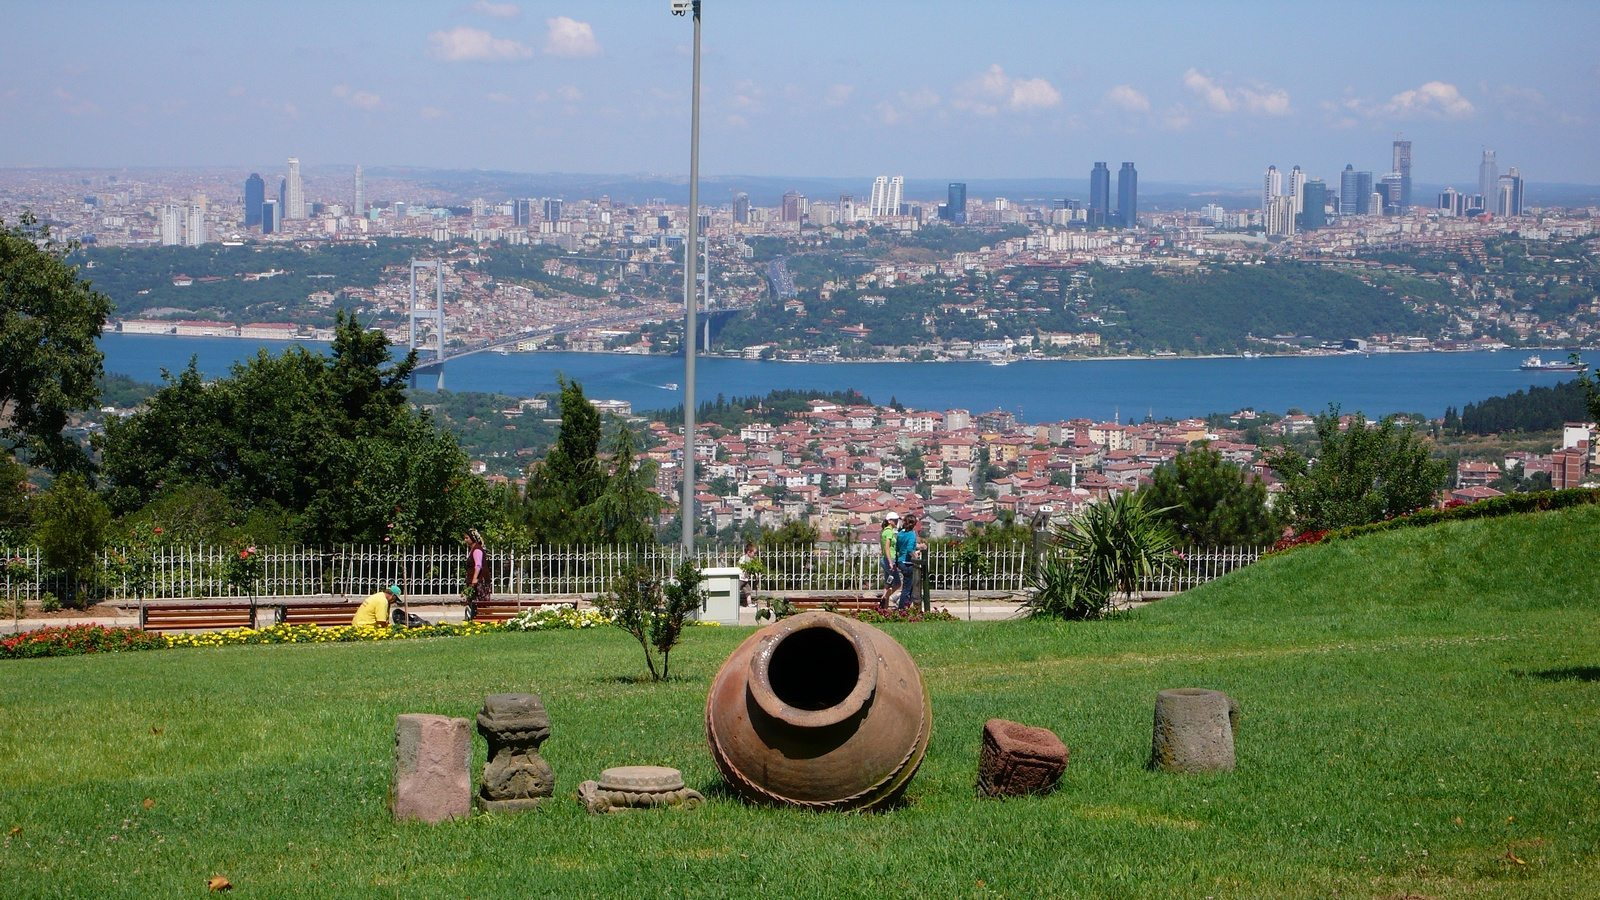 أنشطة في تل العرائس اسطنبول تركيا